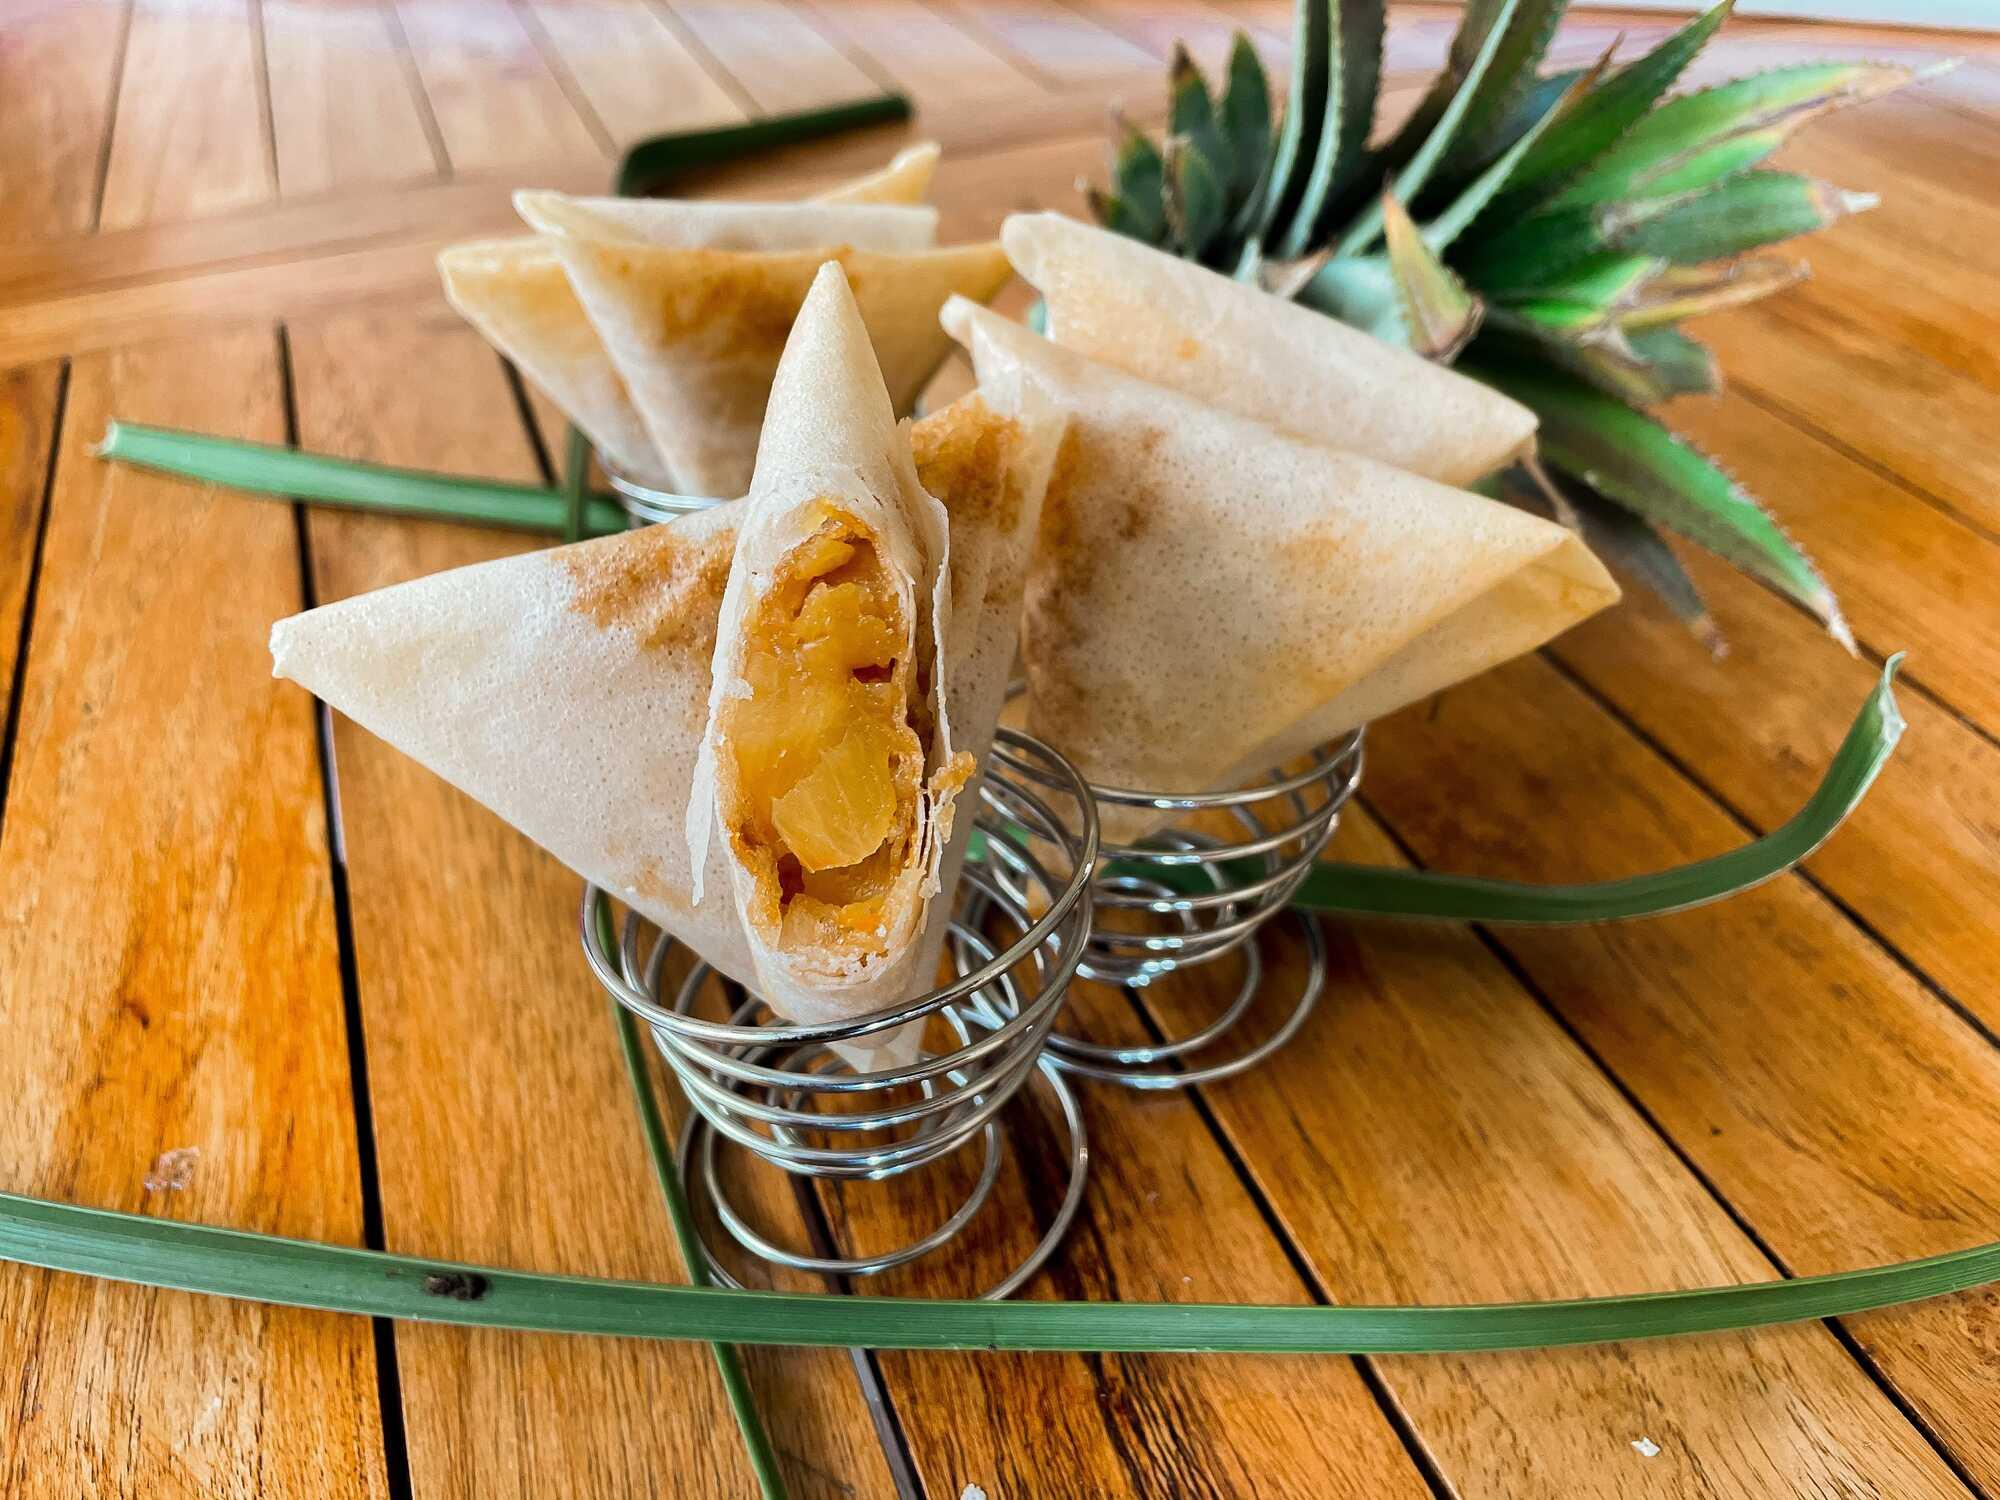 Sur une table en bois, les samoussas à l'ananas sont présentés dans des petits paniers en inox.